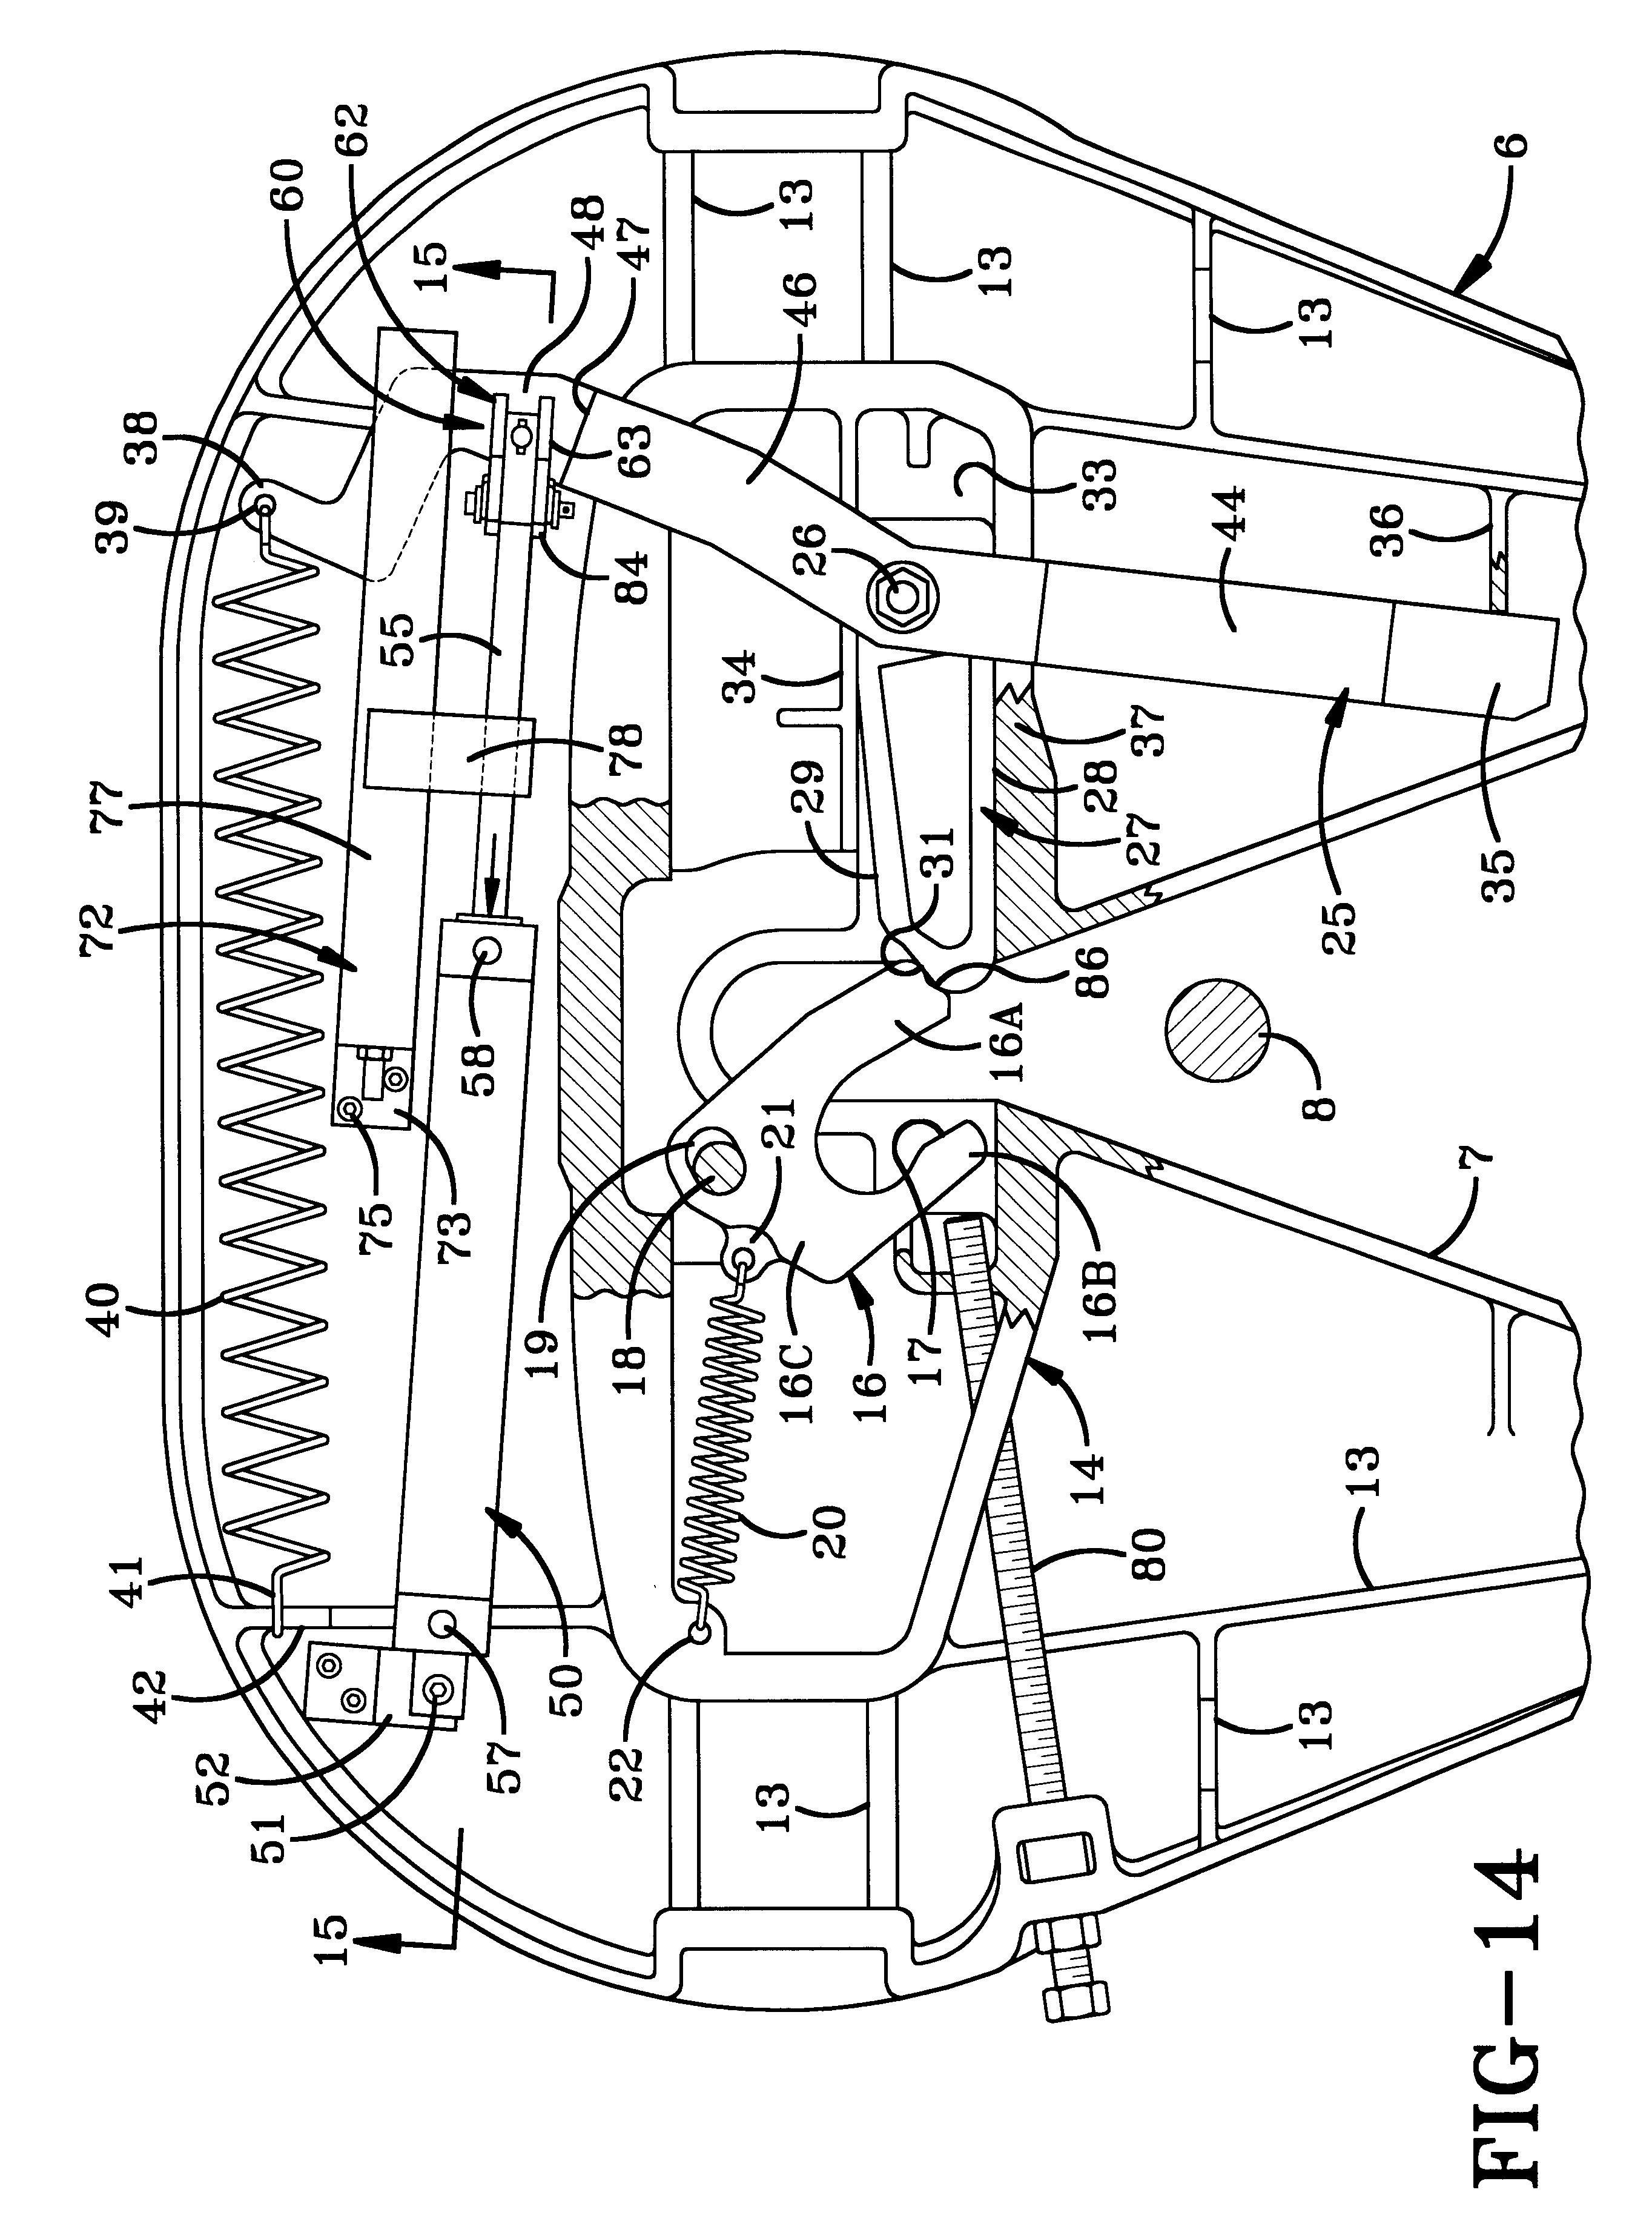 tractor trailer fifth diagrams